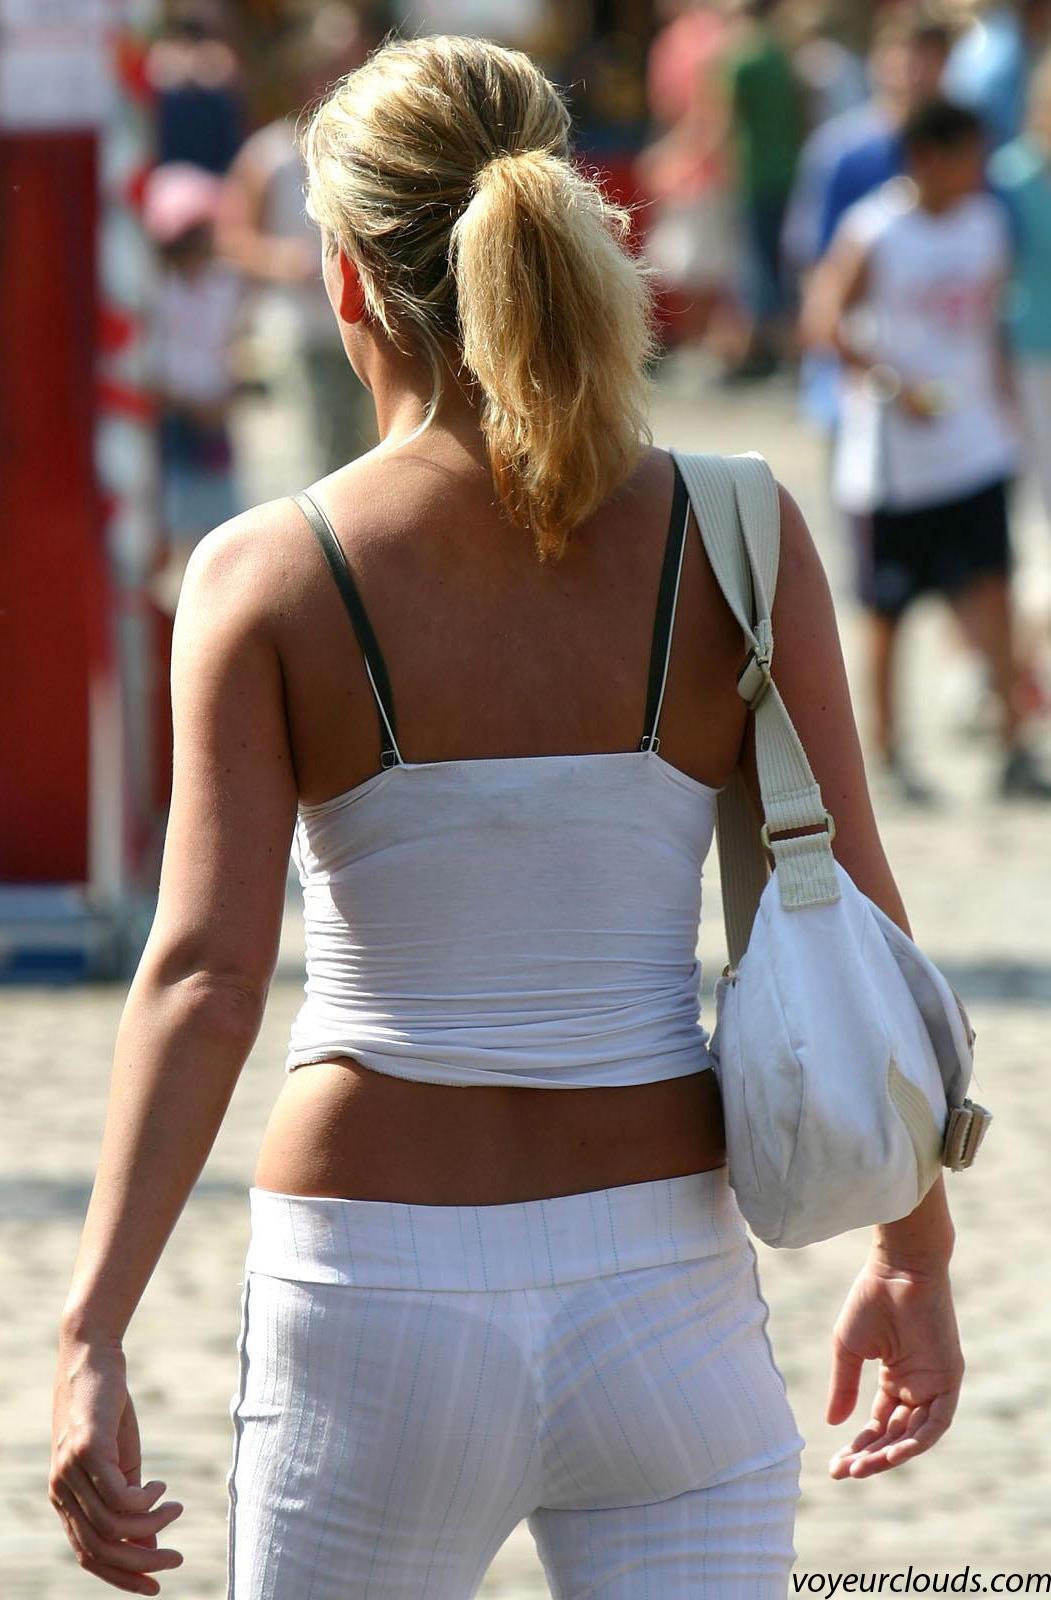 【海外エロ画像】薄いの着るからねwお尻が透けて下着クッキリな街角外人www 06